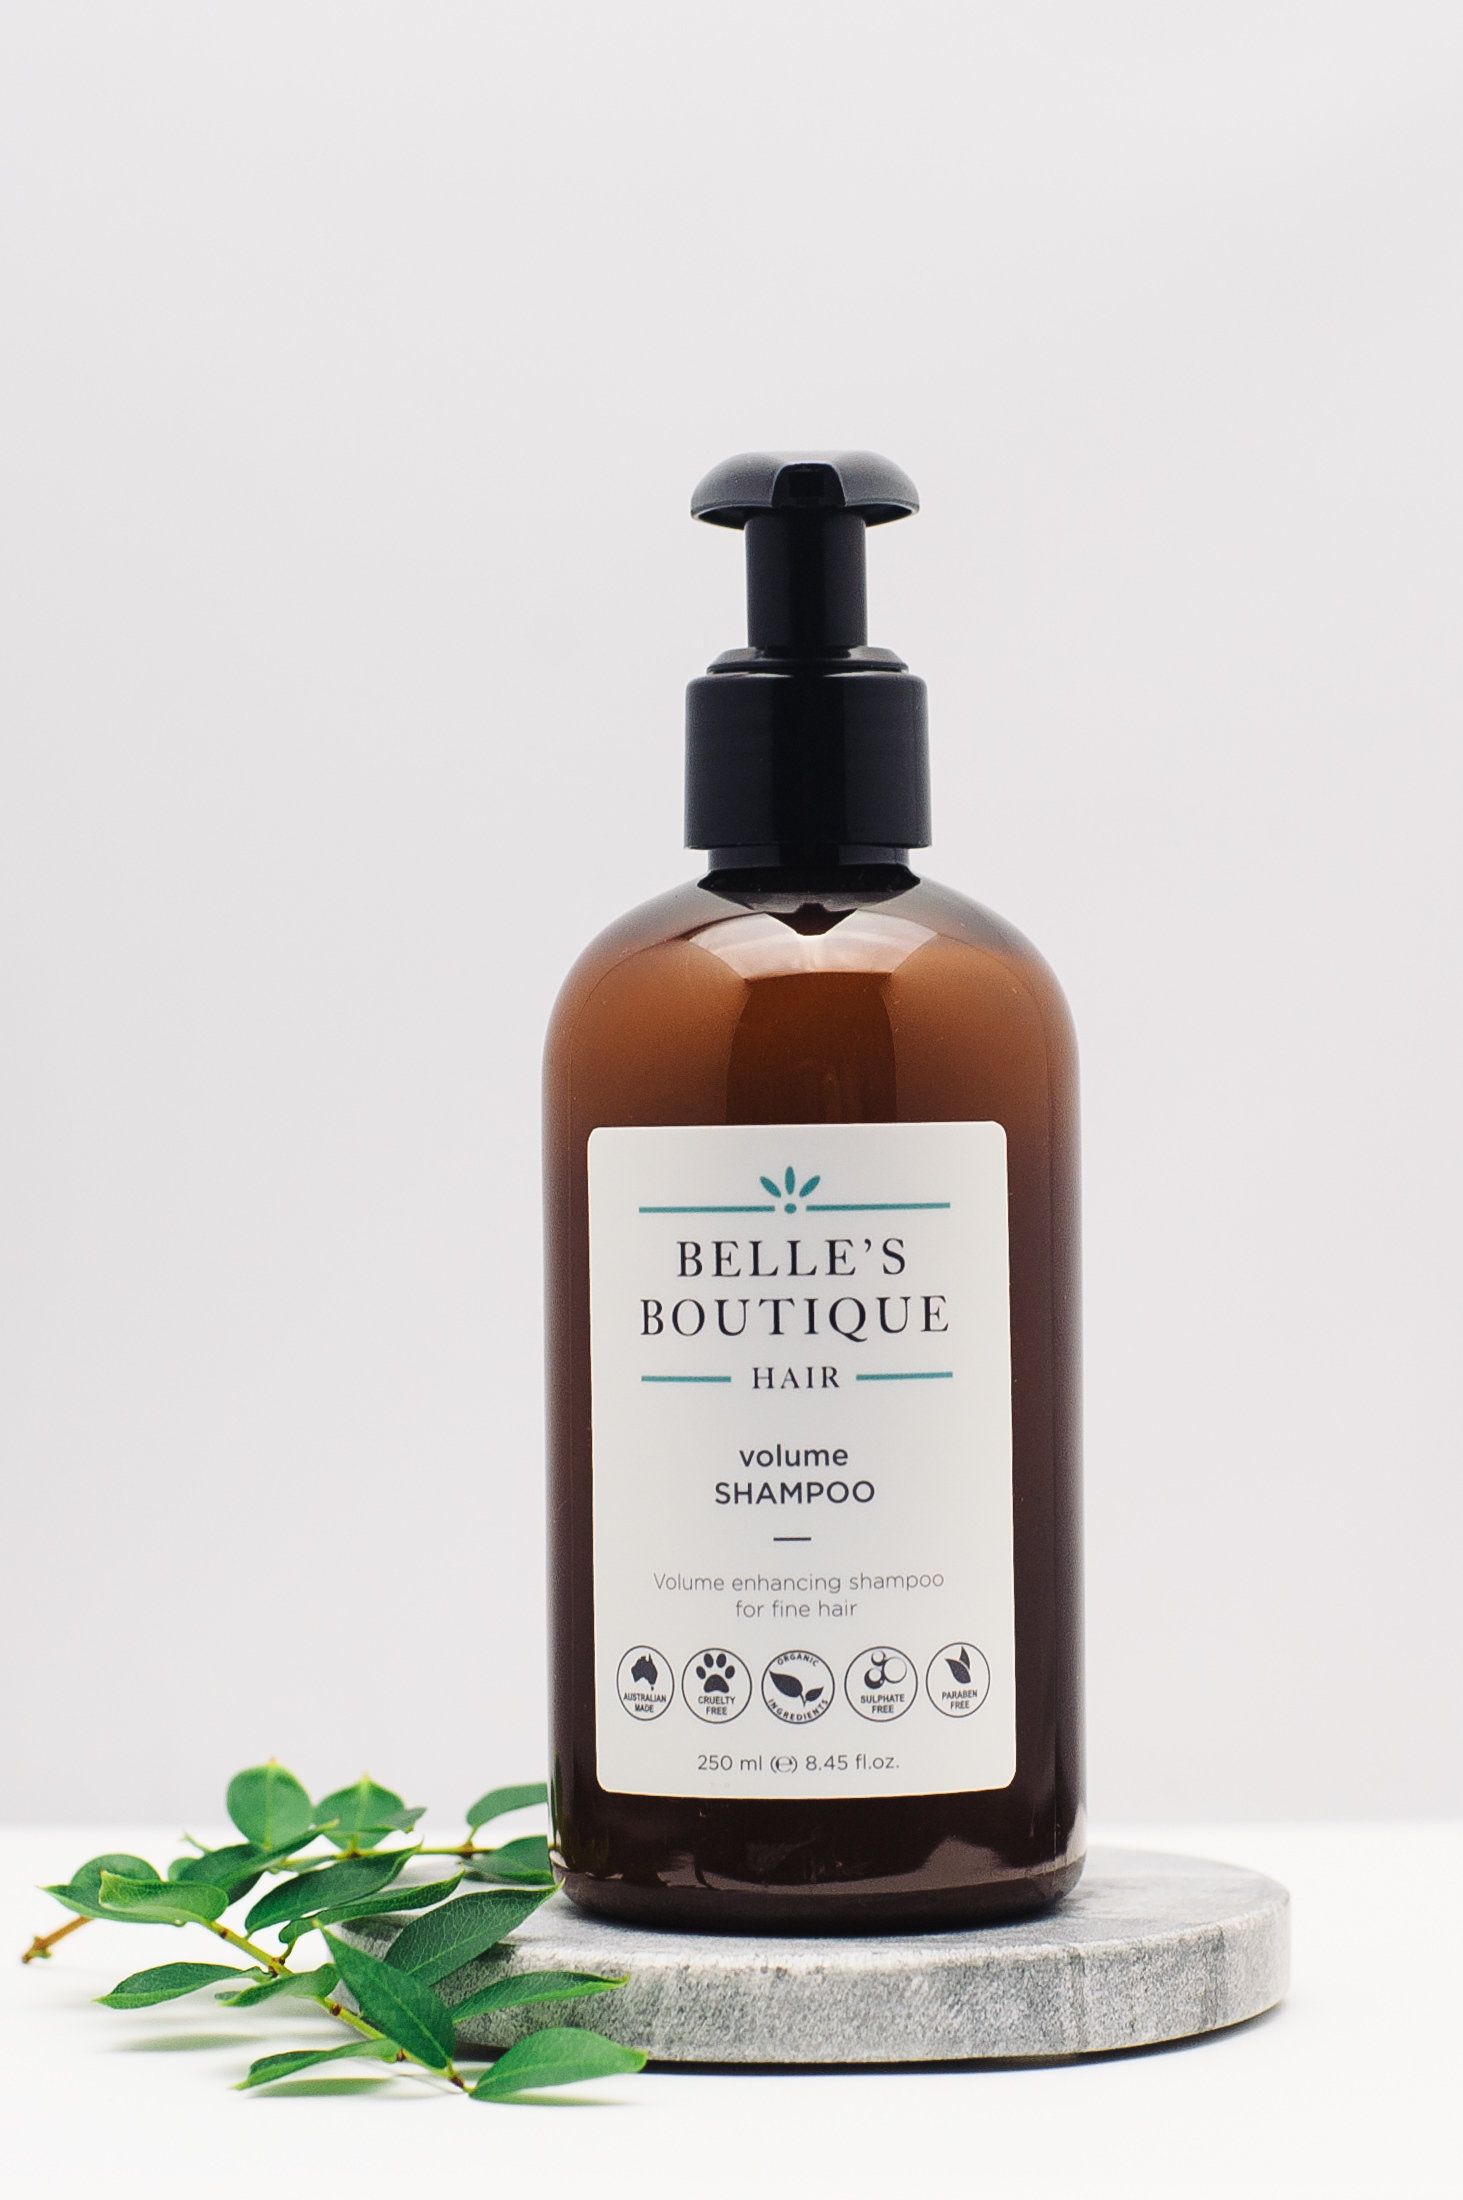 Volume Shampoo Volume Shampoo 250ml